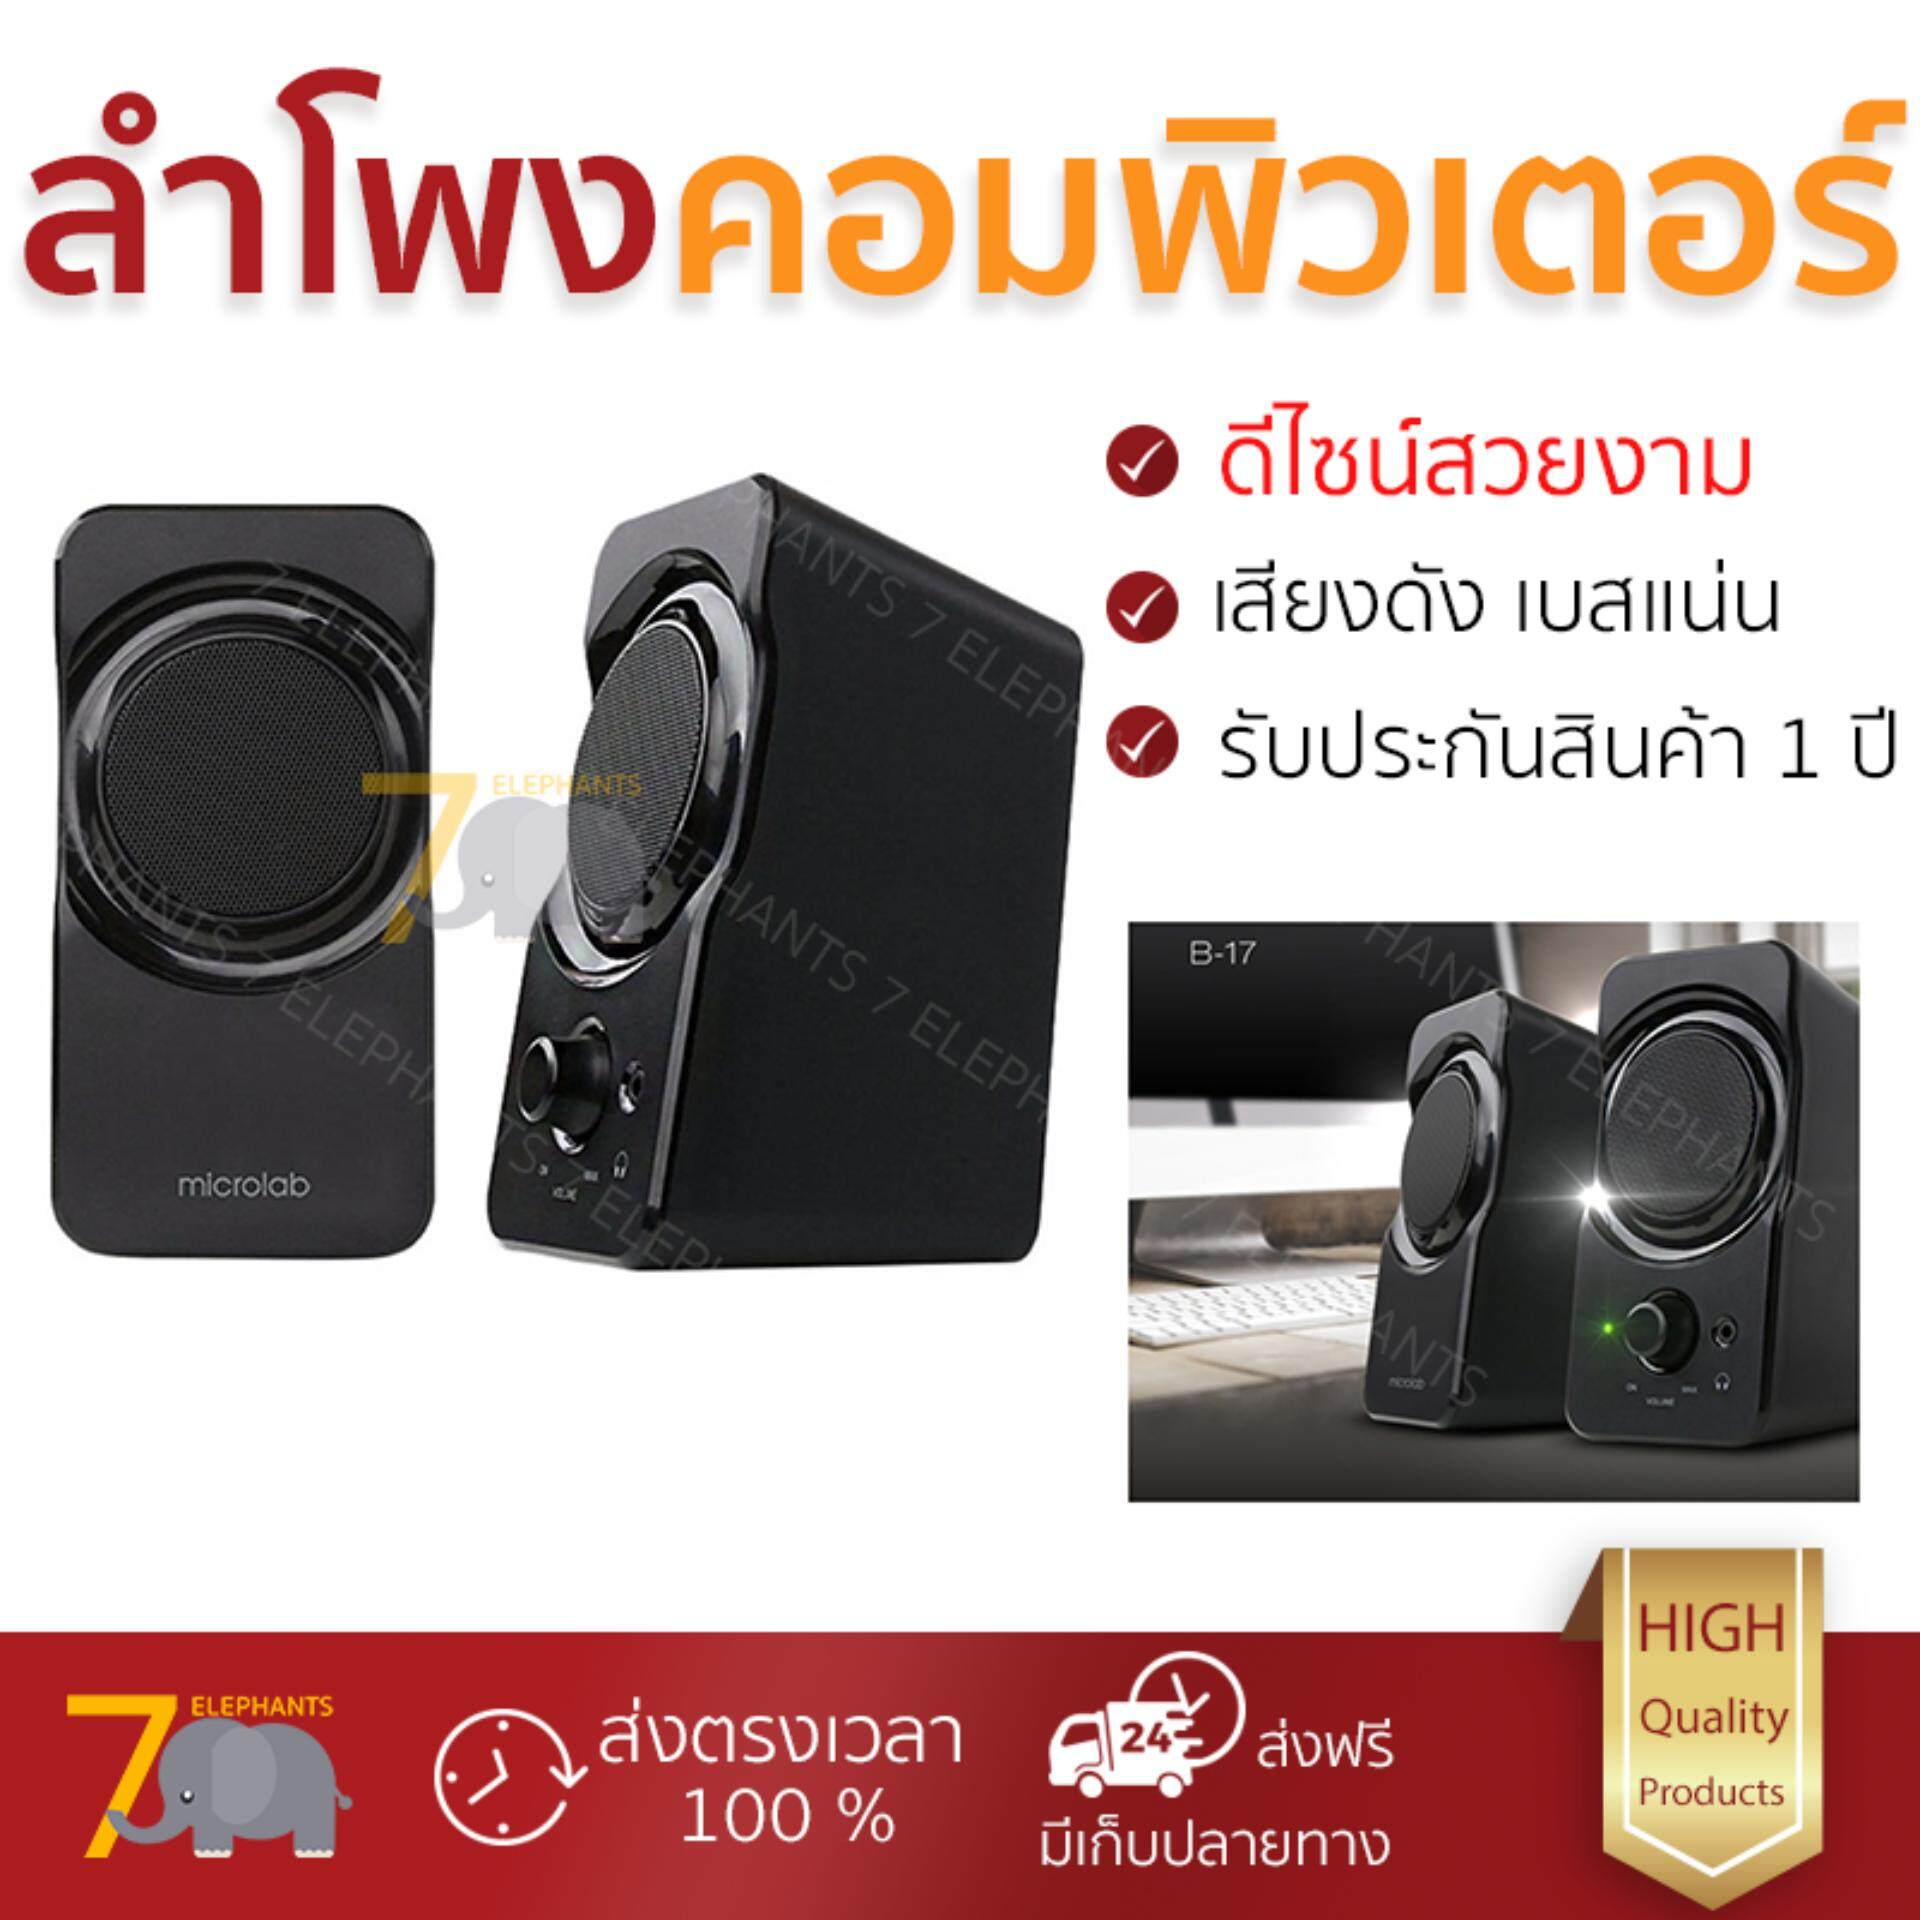 ขายดีมาก! เสียงดี คุ้มราคา Microlab Speaker 2.0 B17 คุณภาพเสียงดี เล่นเกมส์ ดูหนัง ฟังเพลง Speaker จัดส่งฟรี Kerry ทั่วประเทศ